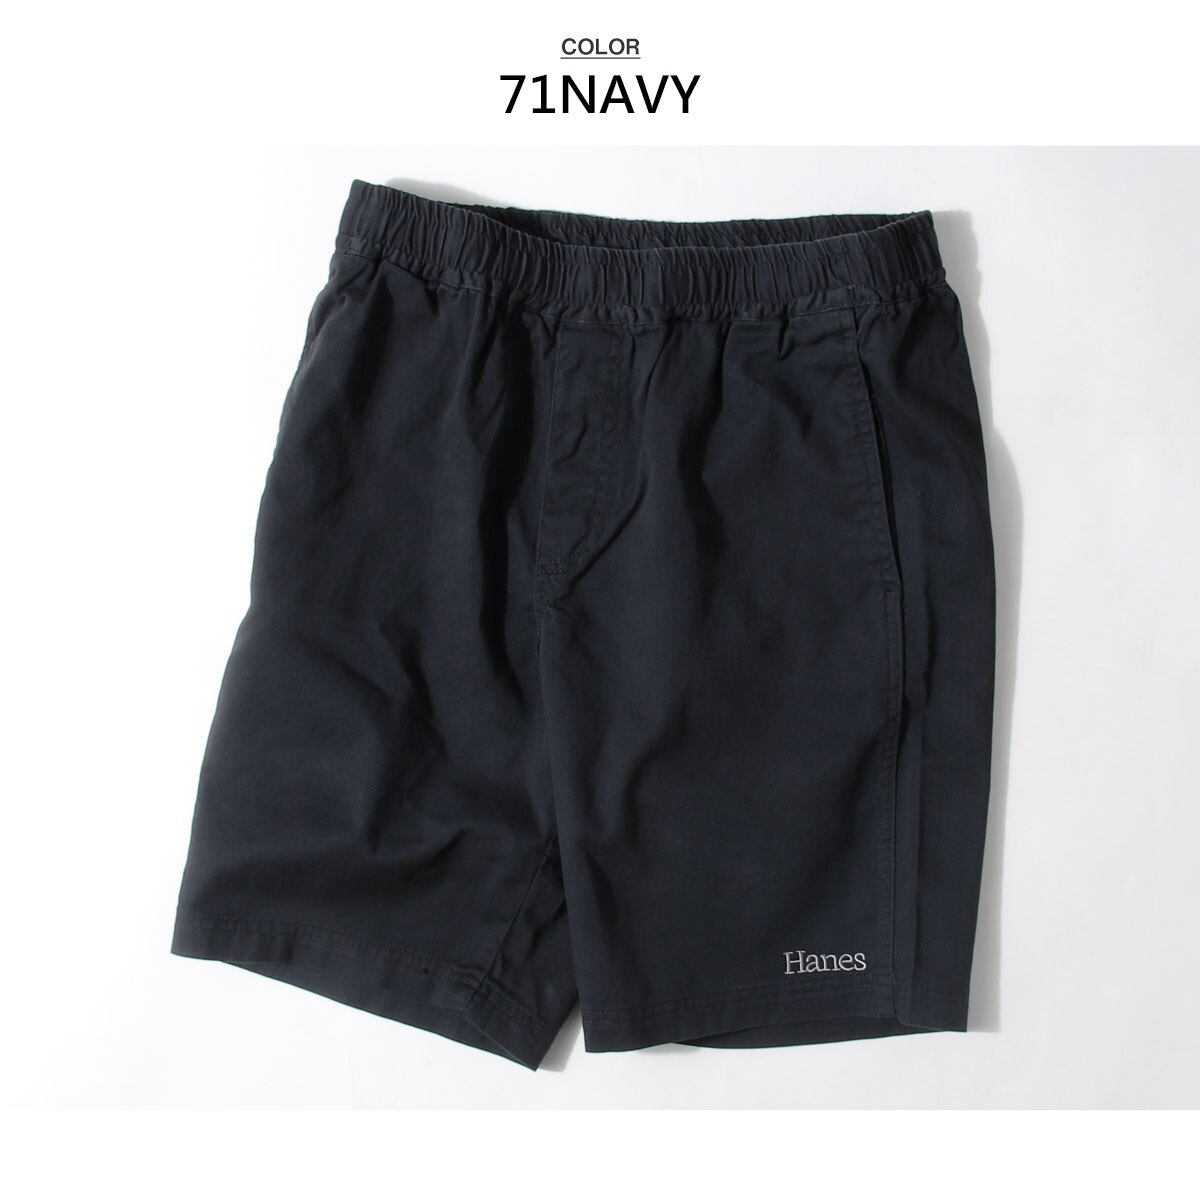 HANES直筒鬆緊短褲 對應大尺碼 4